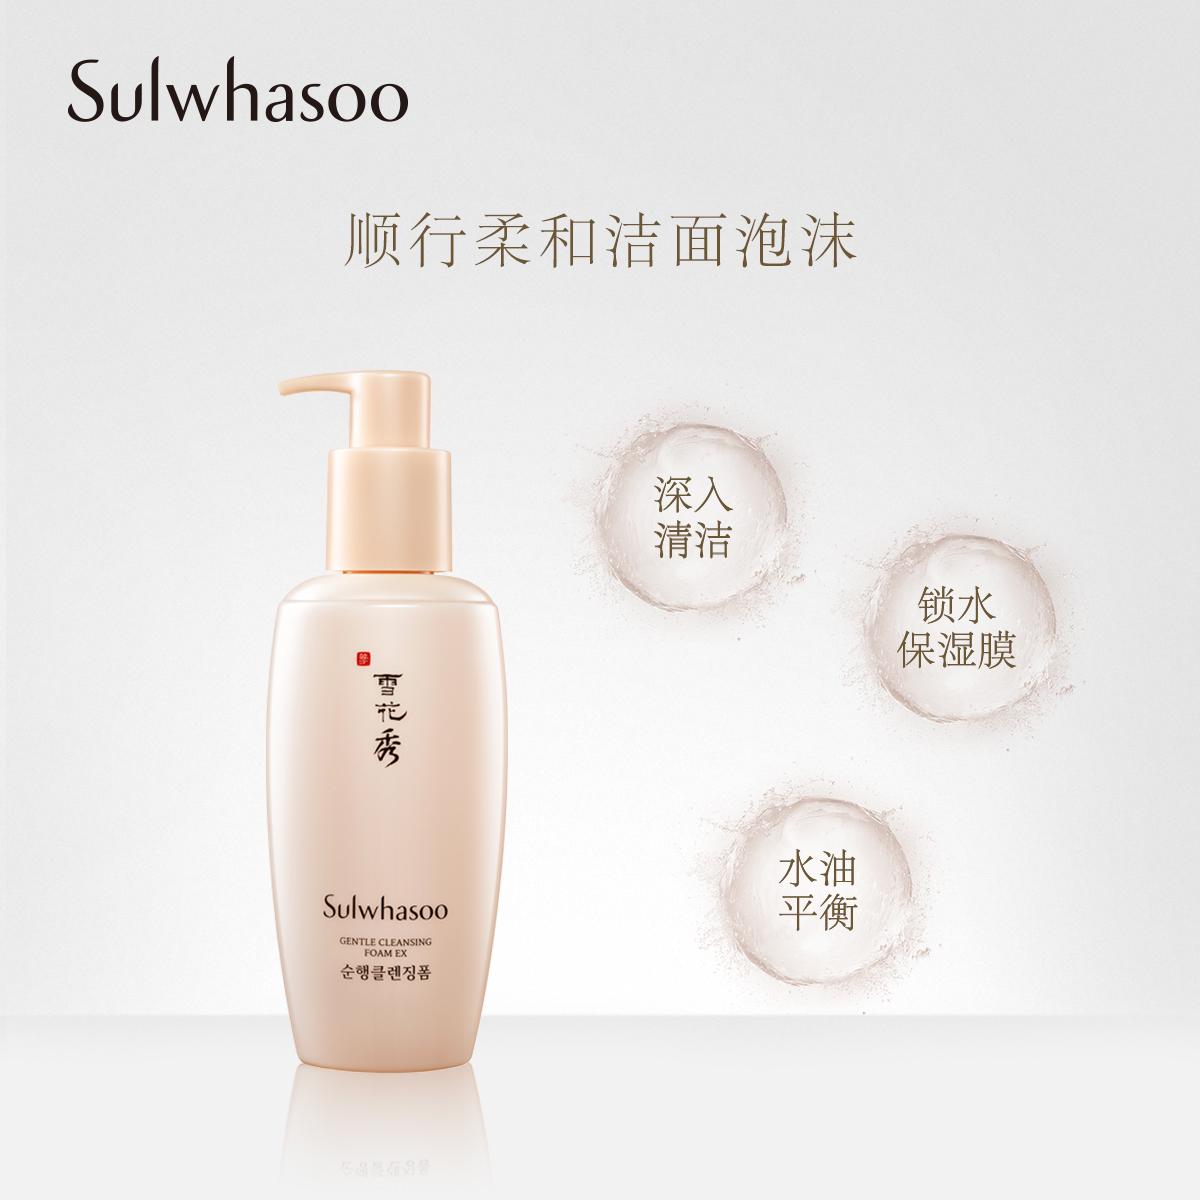 細膩清潔肌膚 洗面奶 200ml 雪花秀順行柔和潔面泡沫 盛典 12 雙